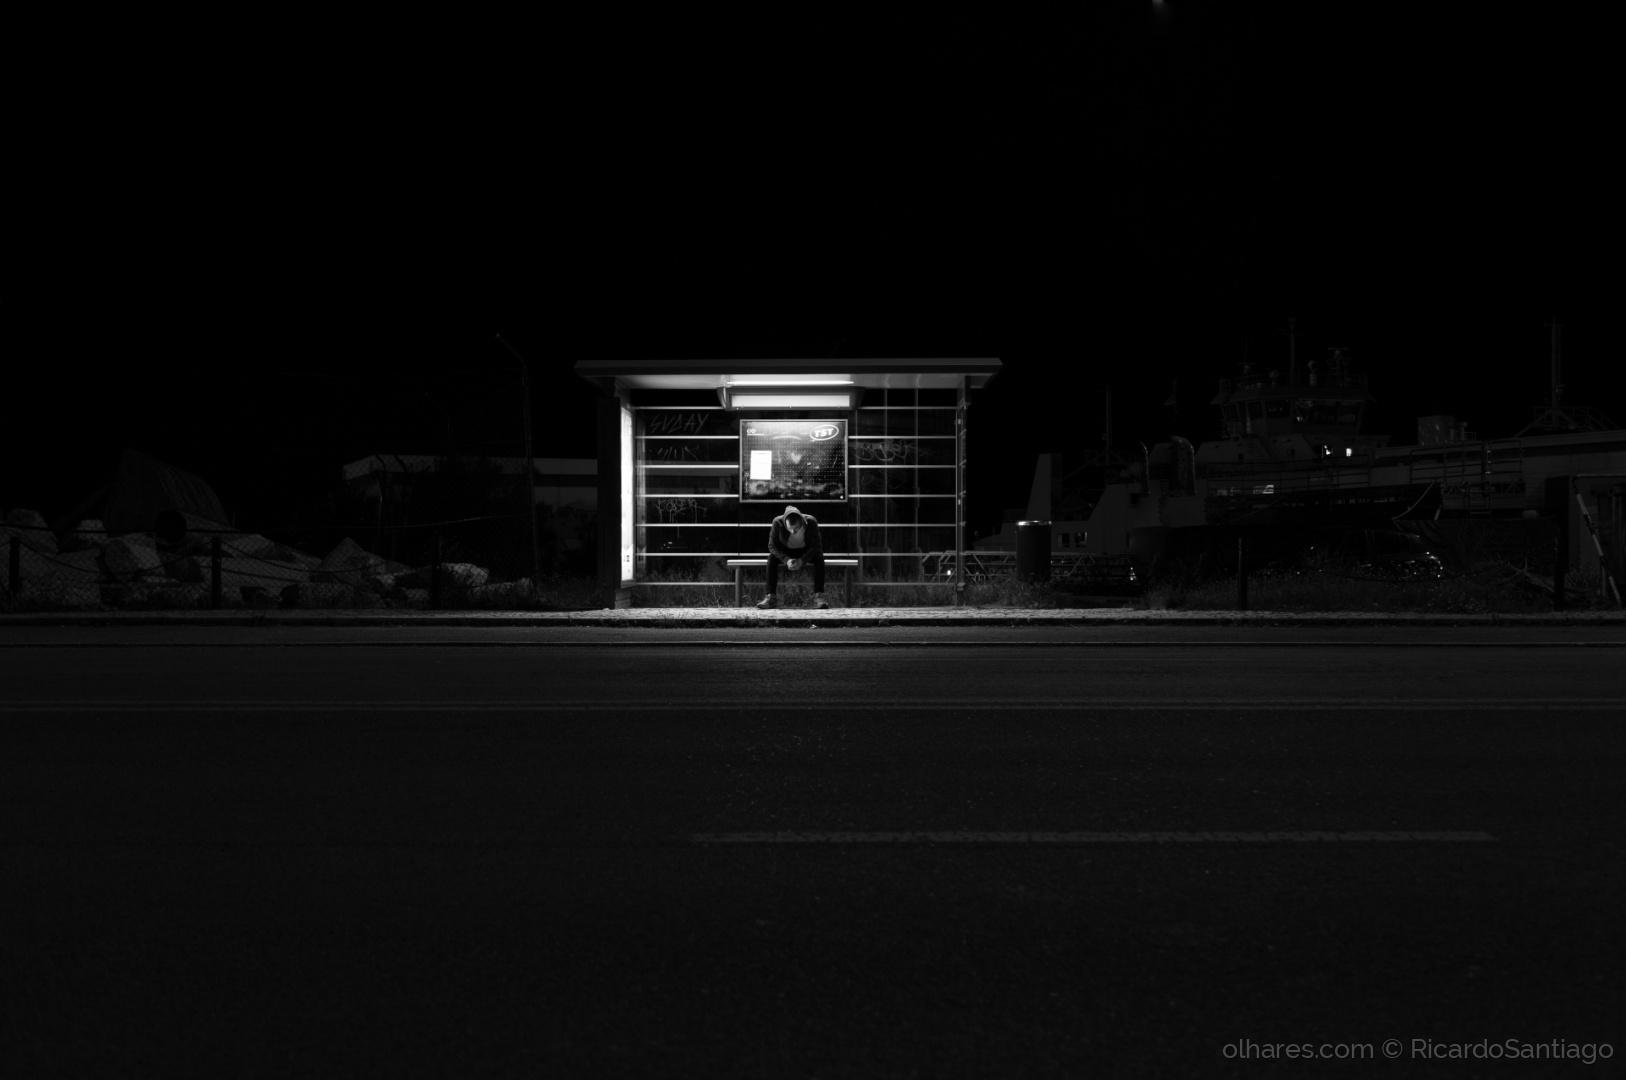 © RicardoSantiago - #nightshift